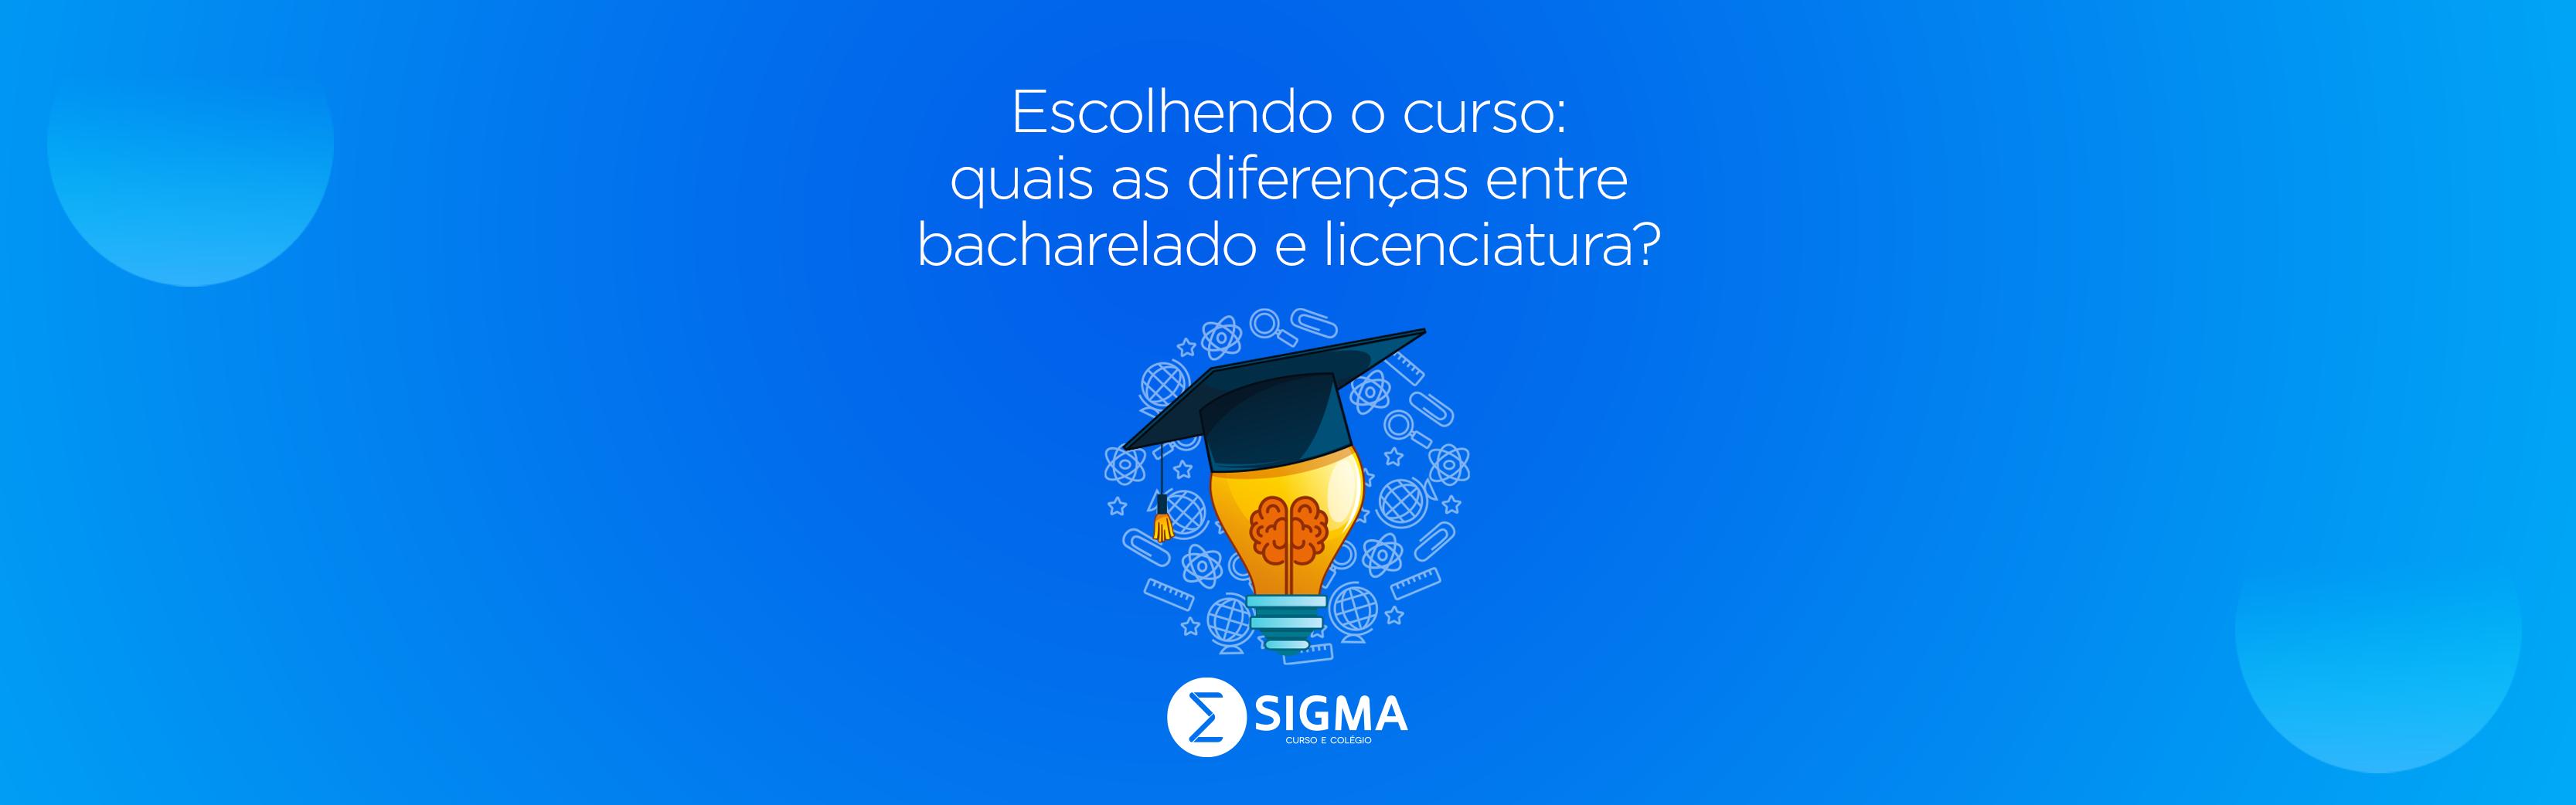 Escolhendo o curso: qual a diferença entre bacharelado e licenciatura?